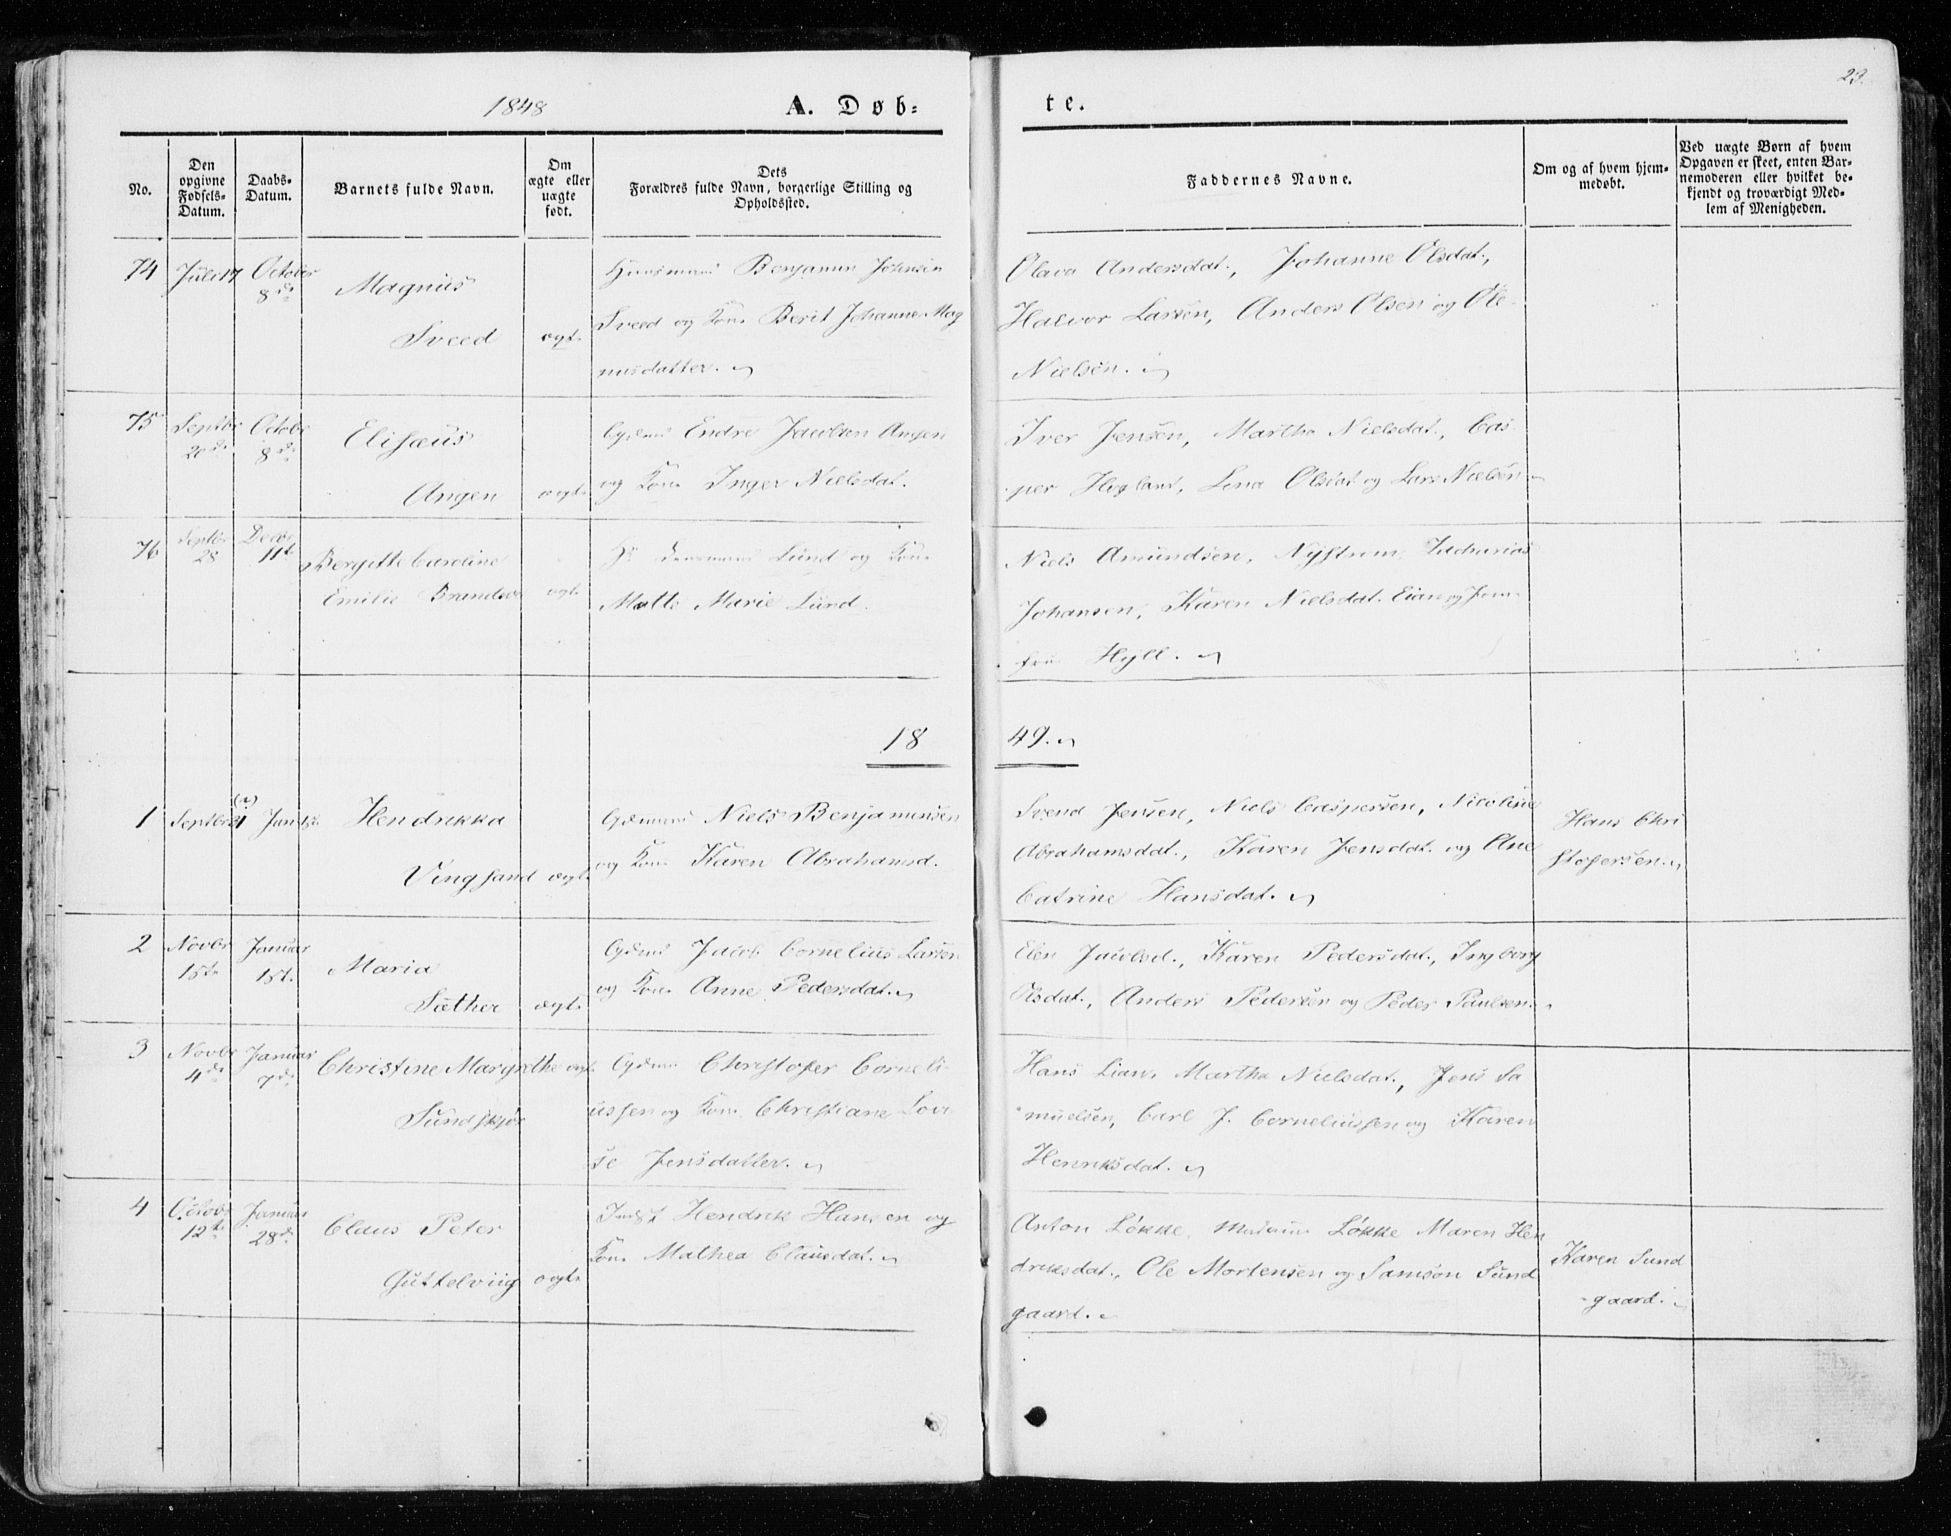 SAT, Ministerialprotokoller, klokkerbøker og fødselsregistre - Sør-Trøndelag, 657/L0704: Ministerialbok nr. 657A05, 1846-1857, s. 23